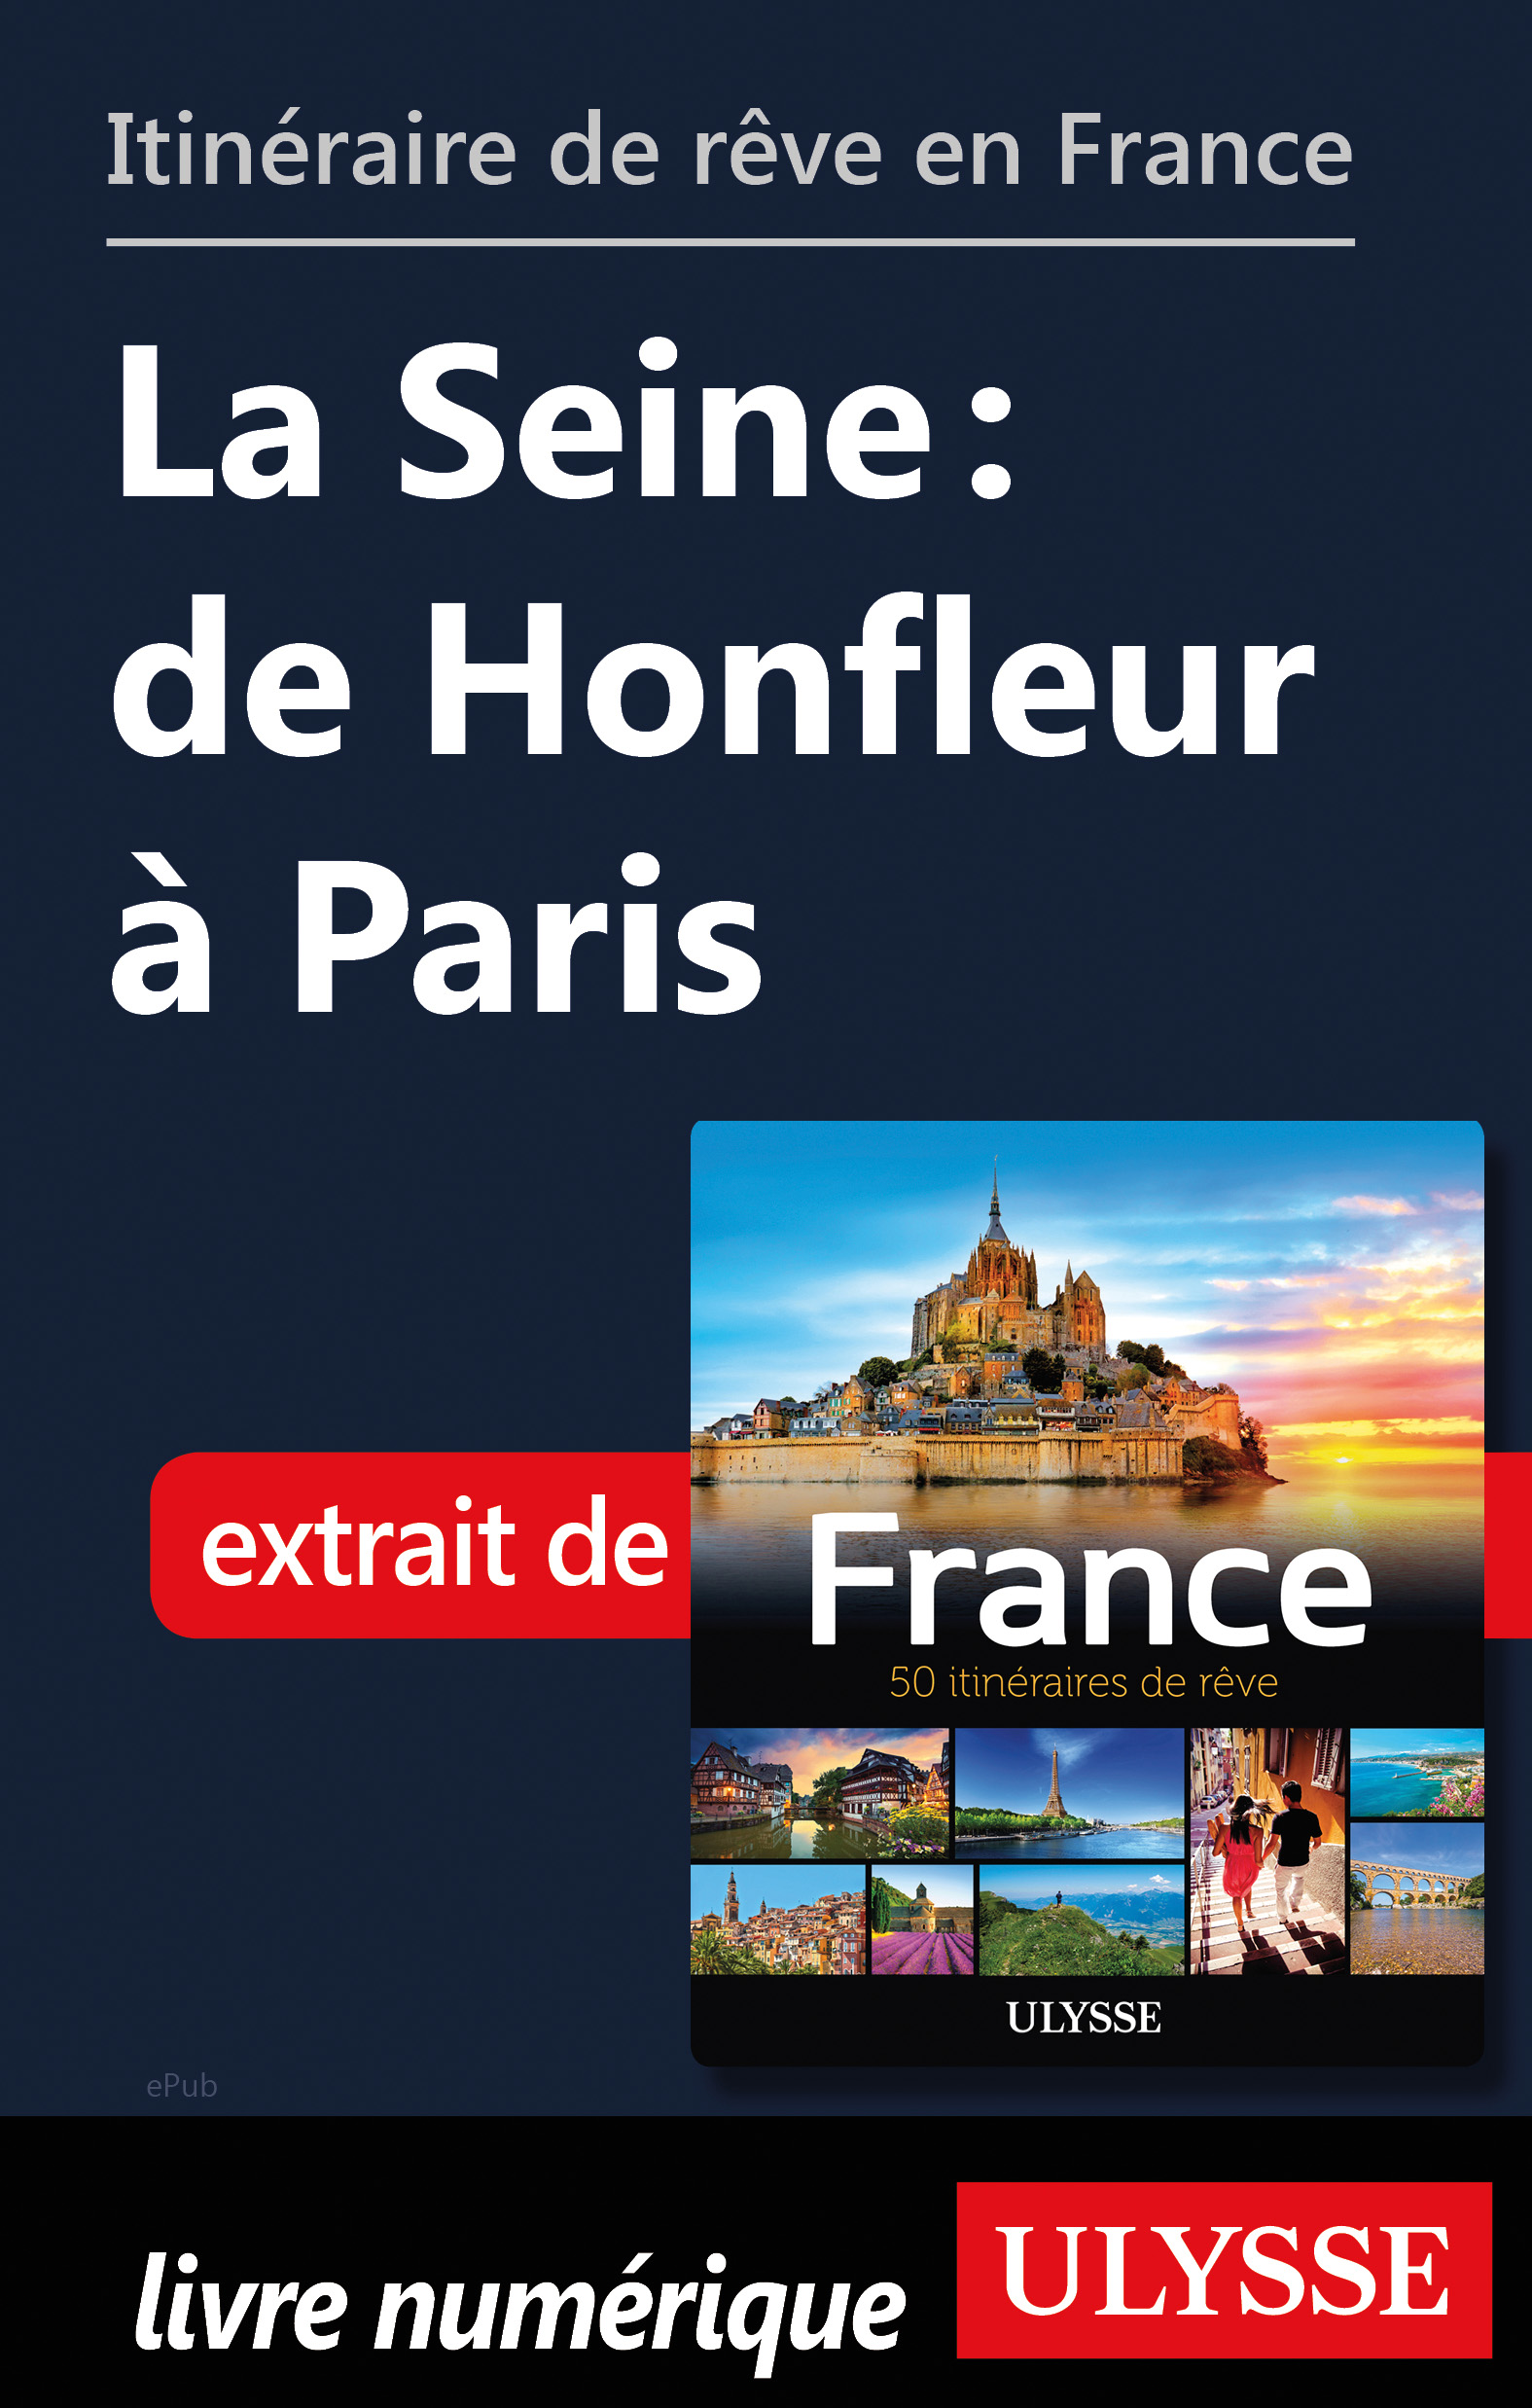 Itinéraire de rêve en France - La Seine: de Honfleur à Paris